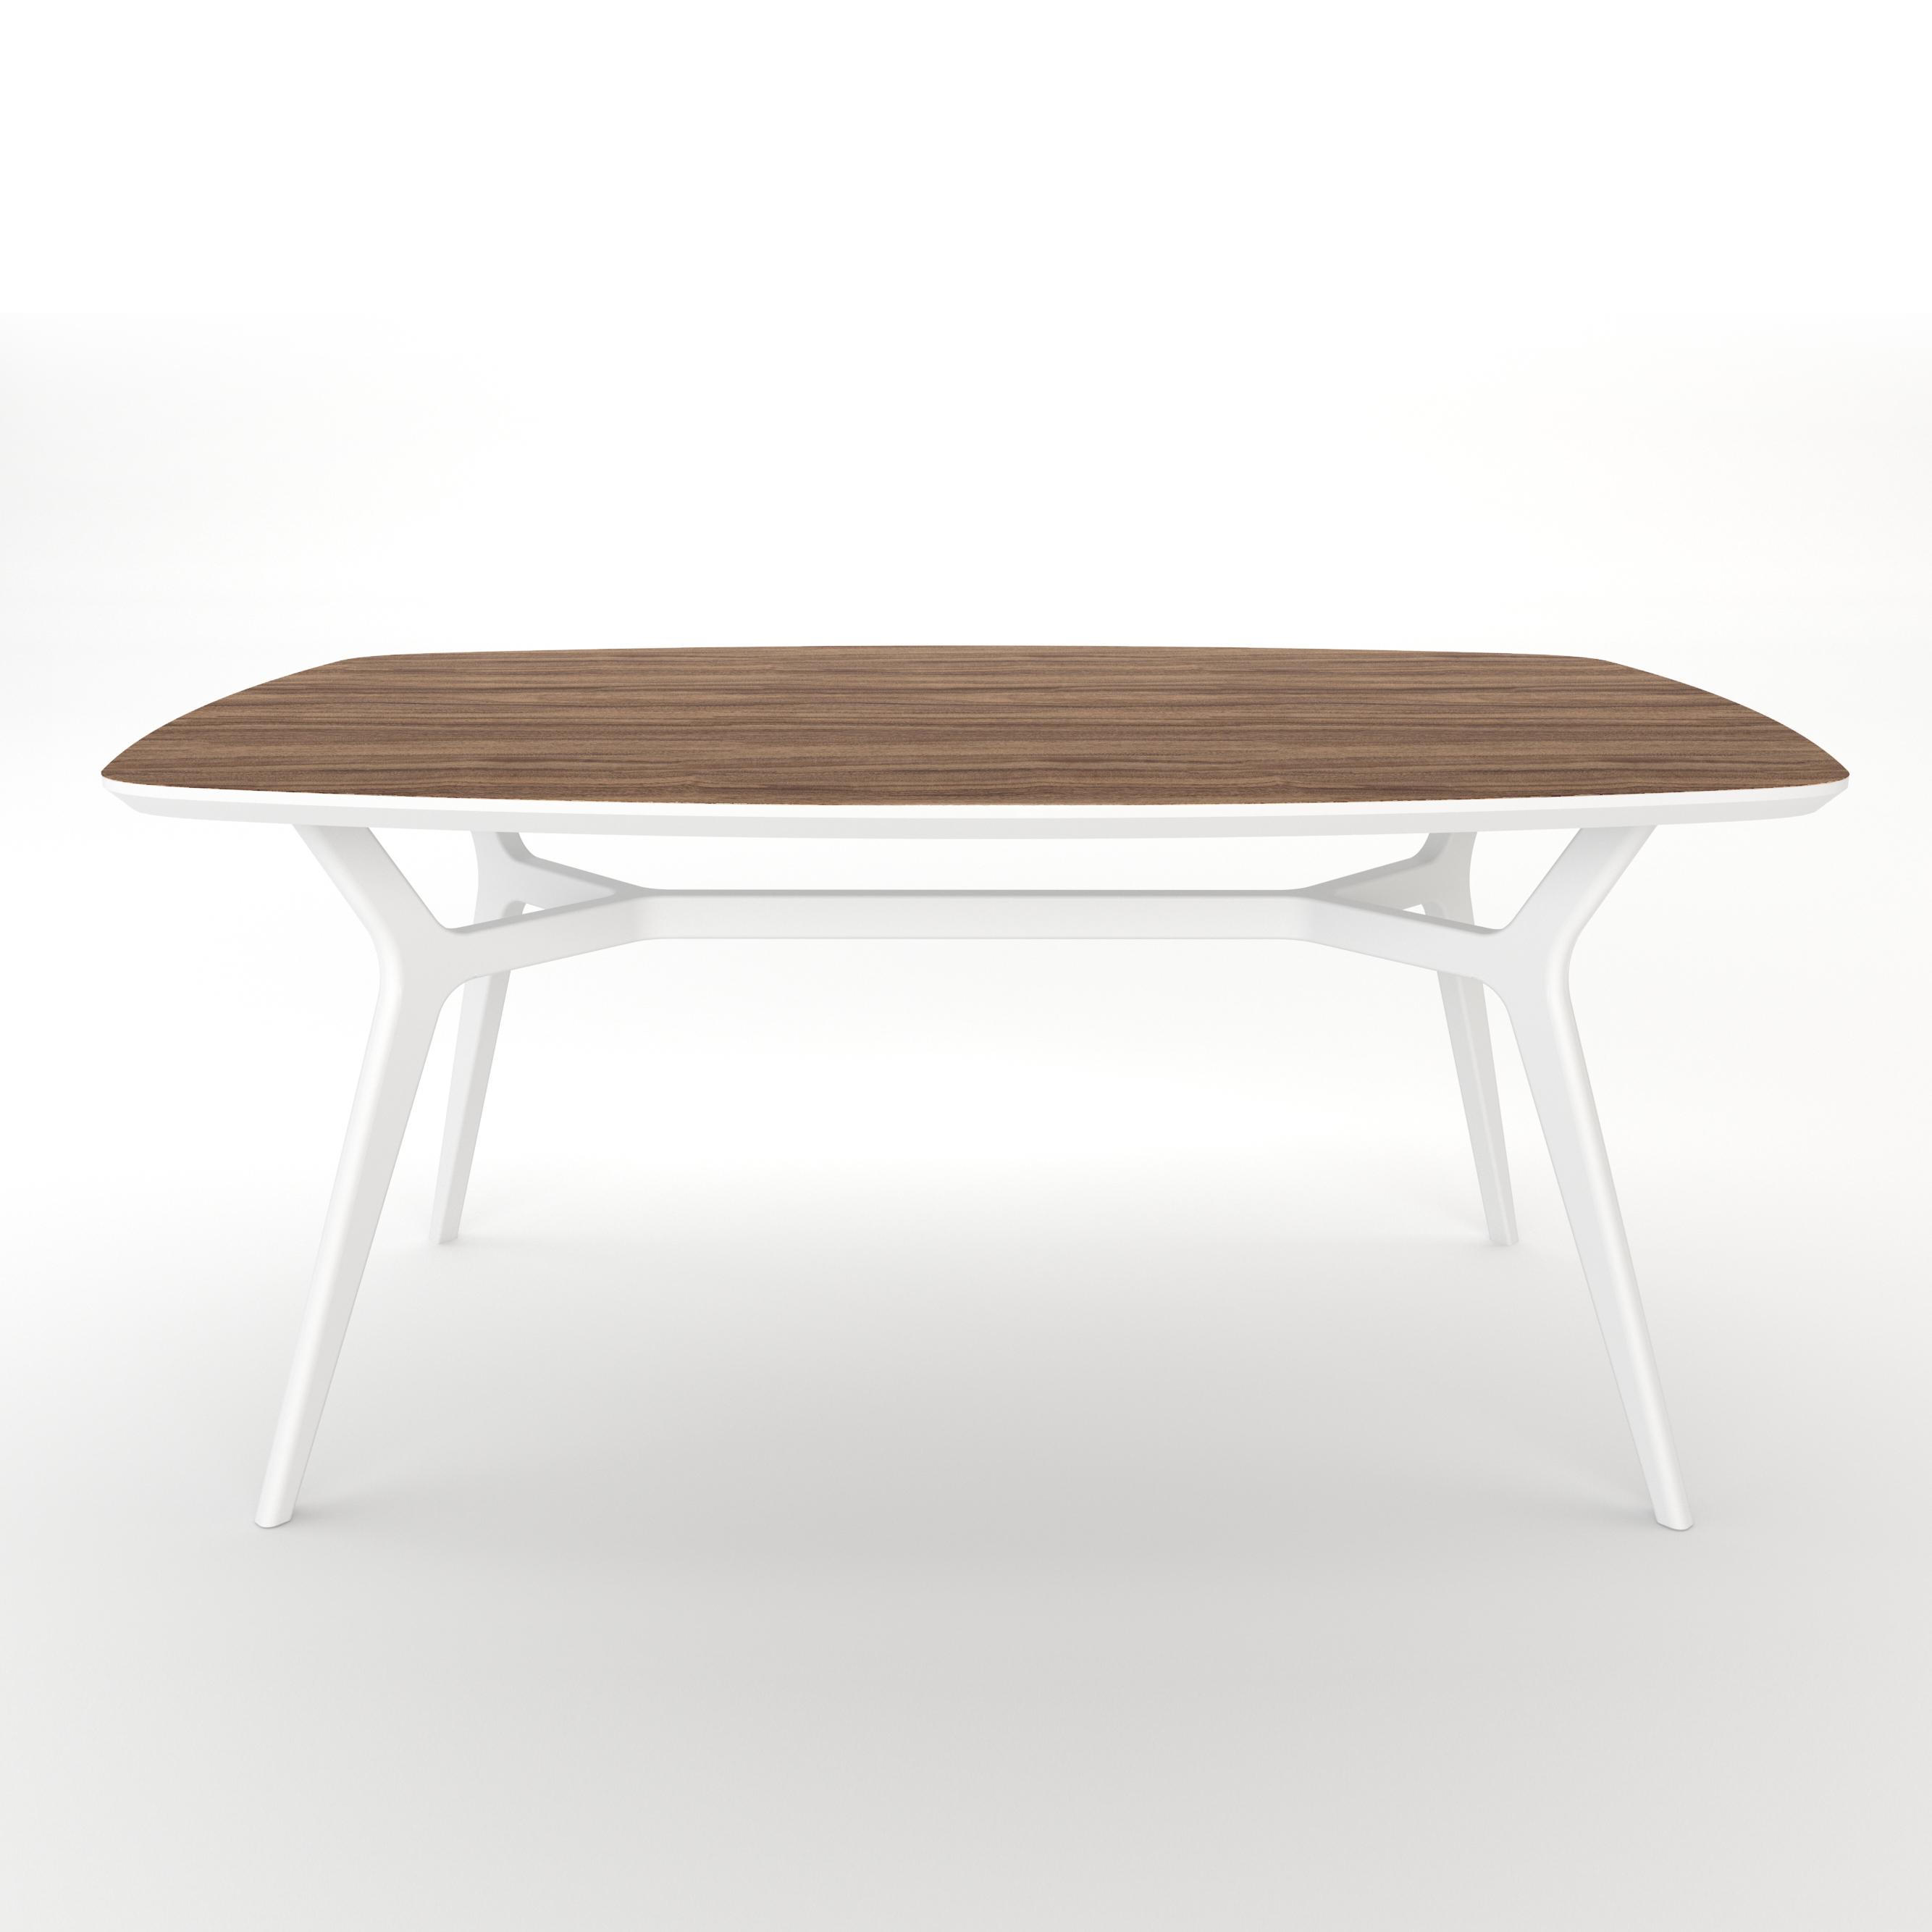 Стол JohannОбеденные столы<br>Тщательная проработка деталей и пропорций стола позволяет ему идеально вписаться в любой интерьер .&amp;lt;div&amp;gt;&amp;lt;br&amp;gt;&amp;lt;/div&amp;gt;&amp;lt;div&amp;gt;Отделка столешницы шпоном ореха, подстолье выкрашено в белый цвет. Сборка не требуется.&amp;lt;/div&amp;gt;<br><br>Material: МДФ<br>Ширина см: 140.0<br>Высота см: 75.0<br>Глубина см: 80.0